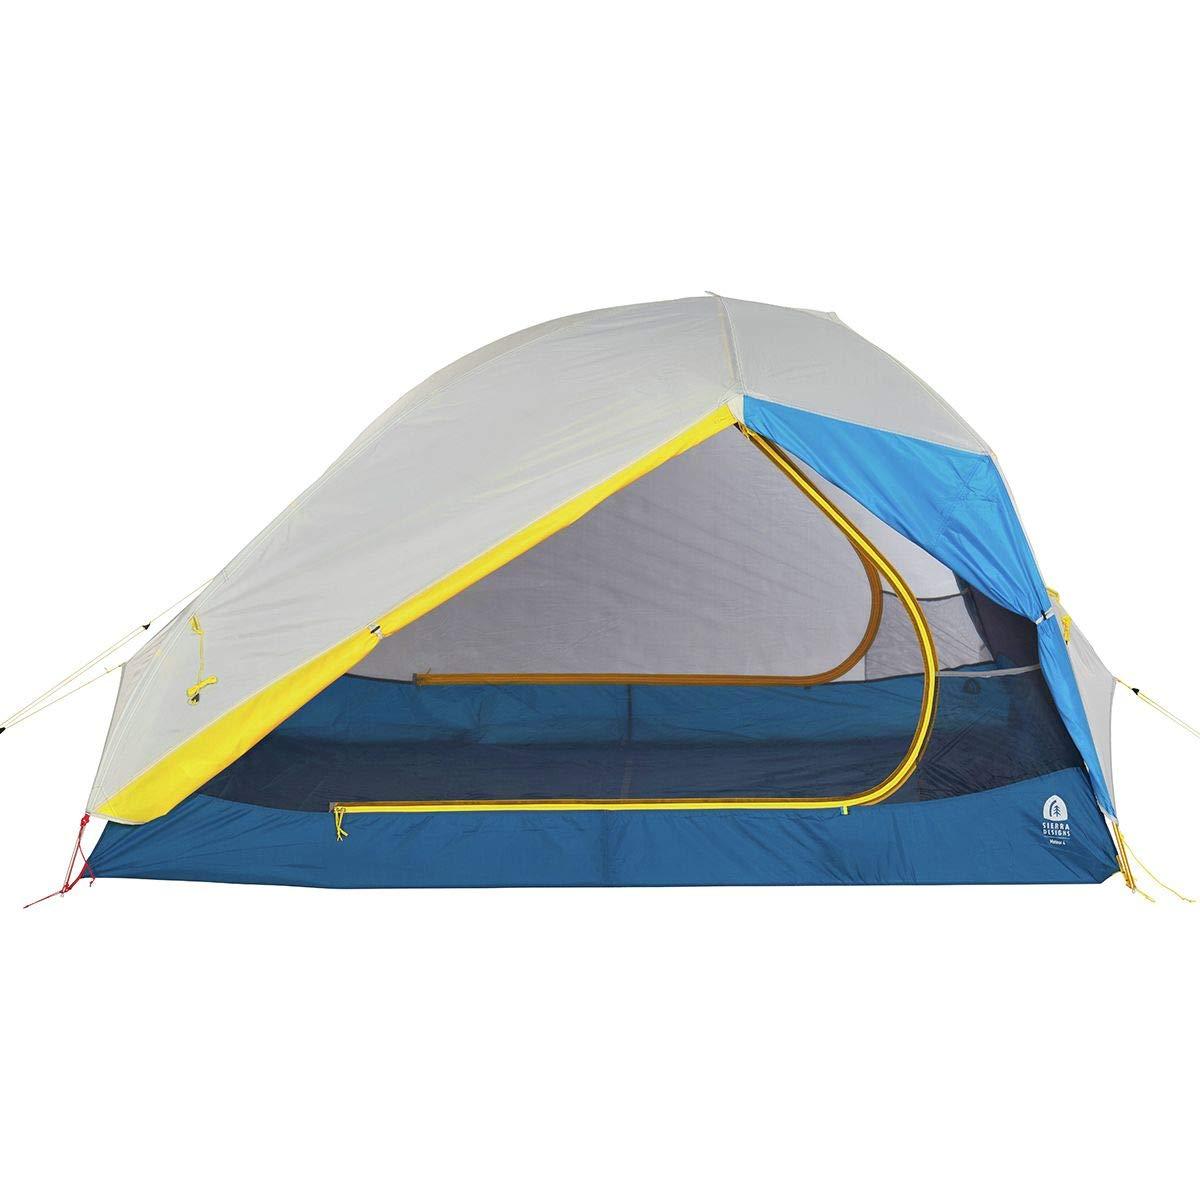 Sierra Designs Meteor 4テント 4人用 バックパッキングテント 3シーズン B07N34BY8B, クラフトショップ ポピー e1518c97